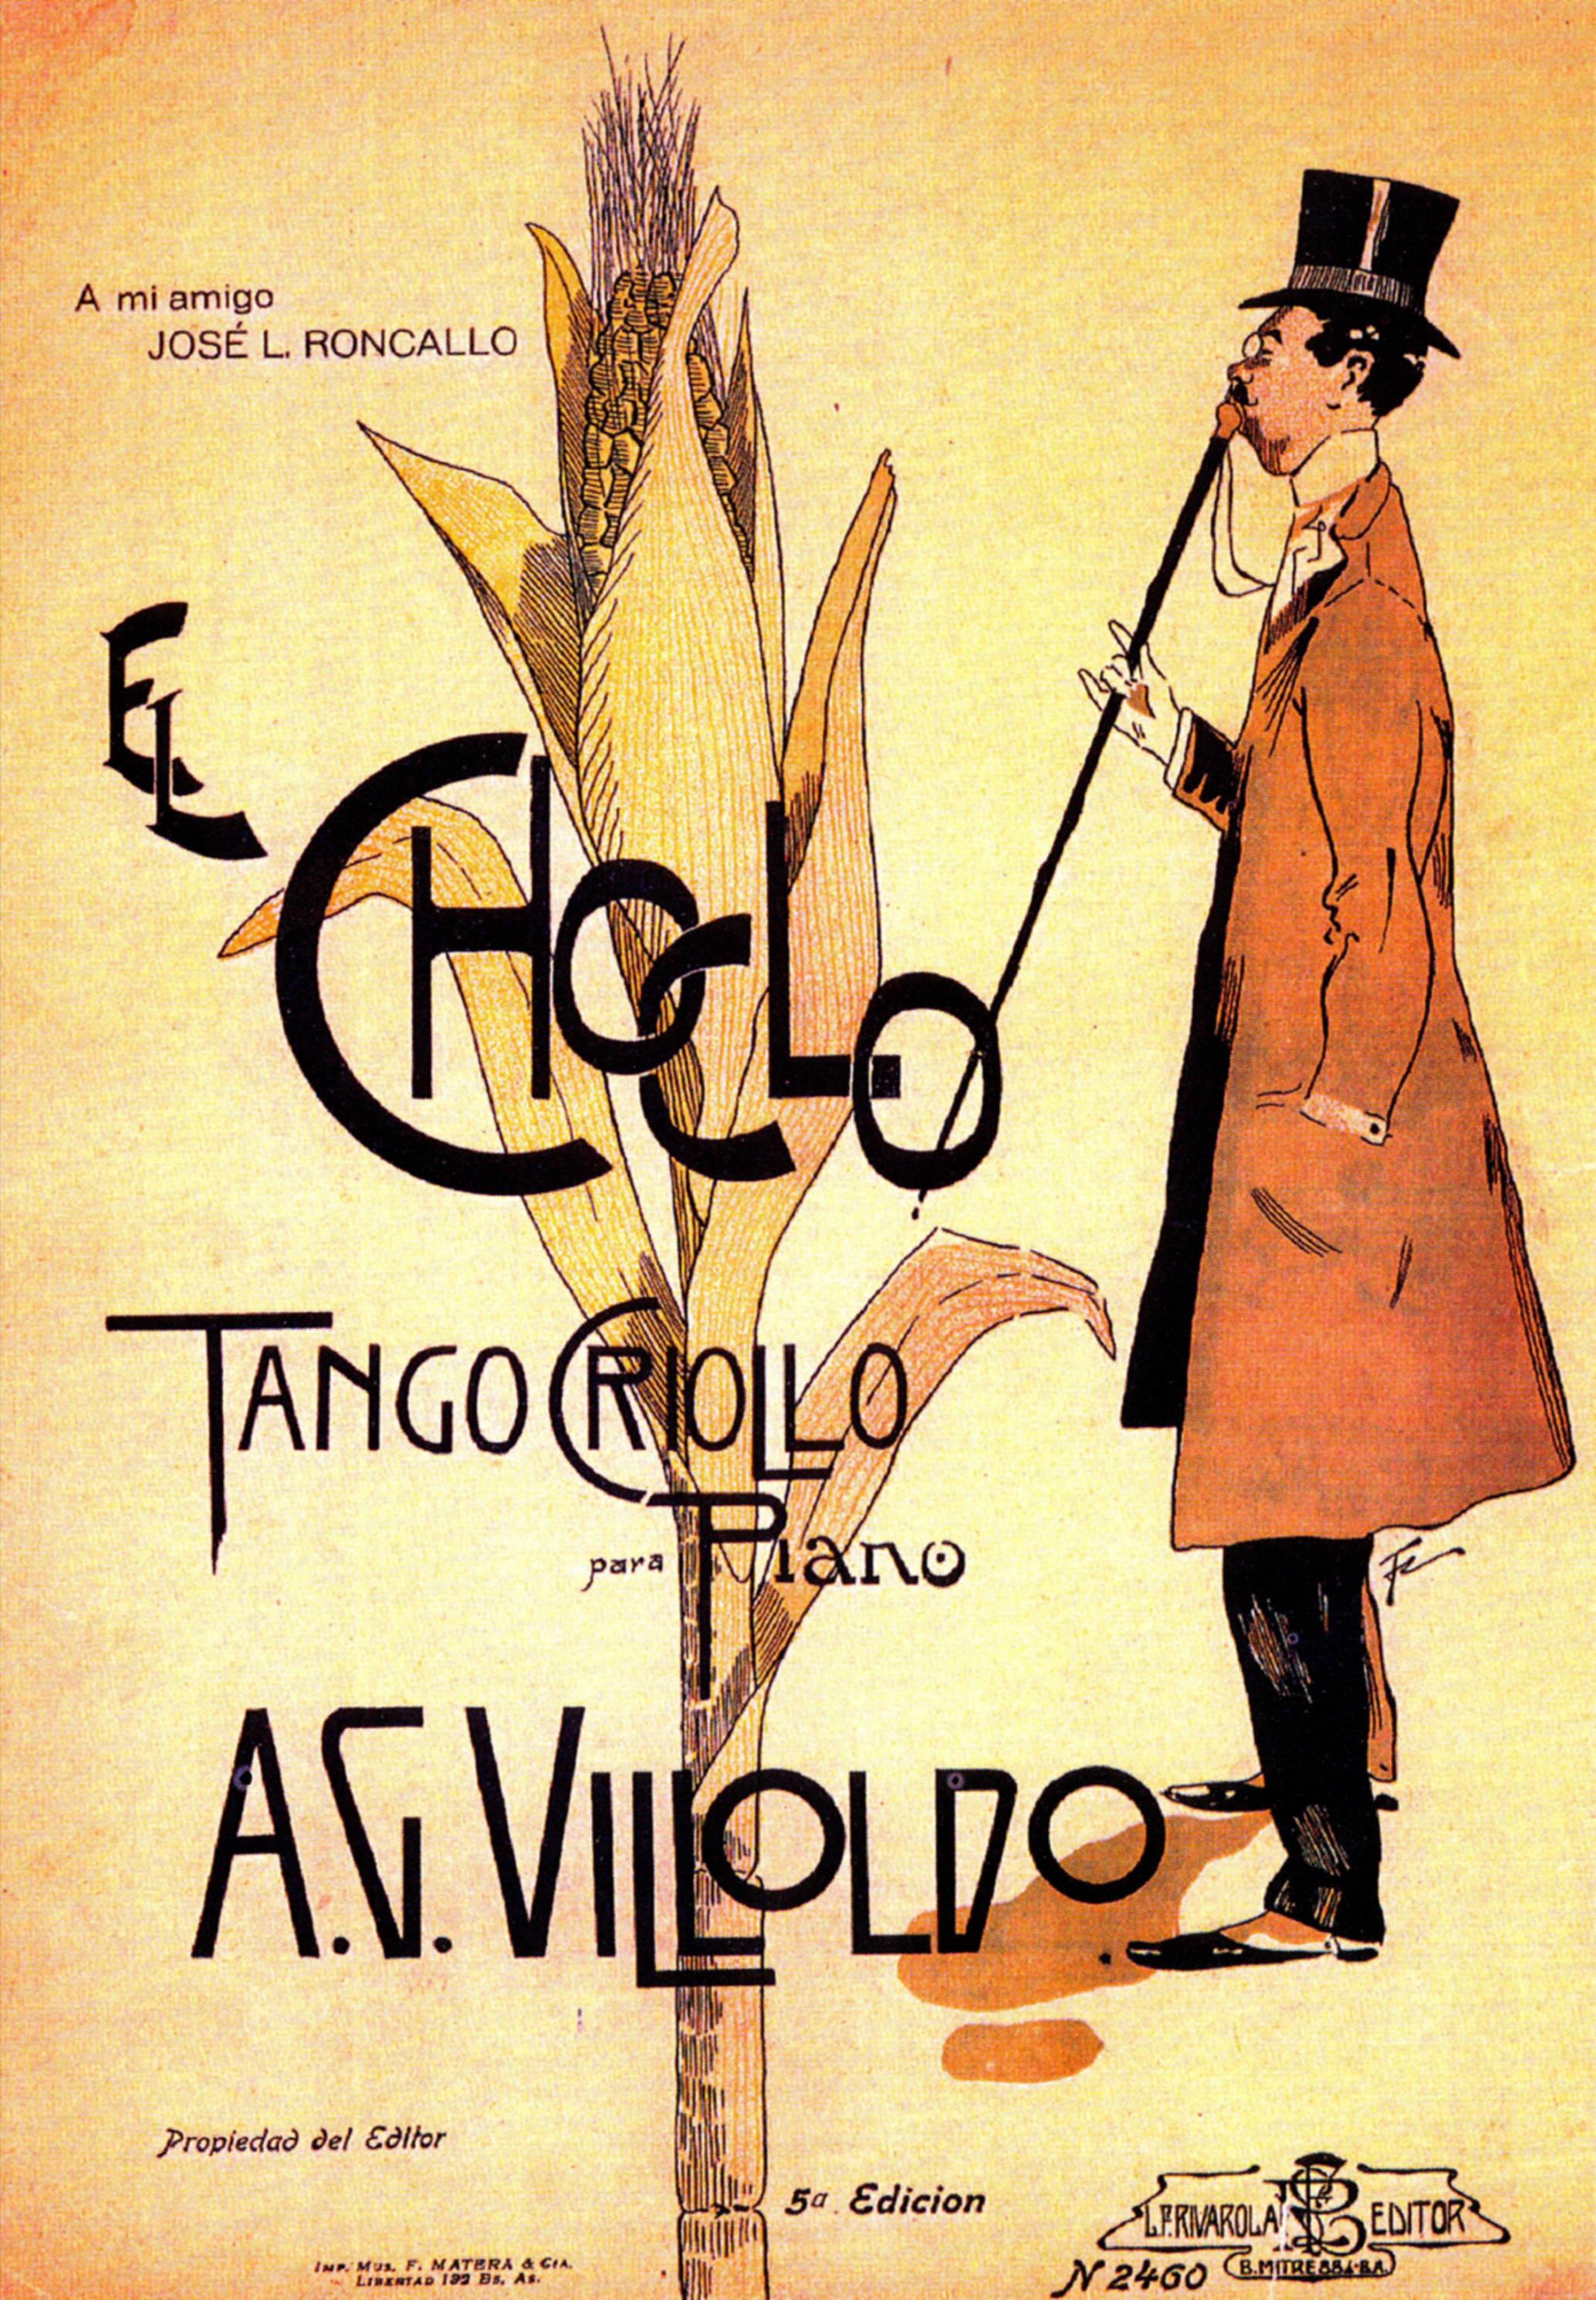 Portada de la partitura de El Choclo, uno de los tangos más populares.